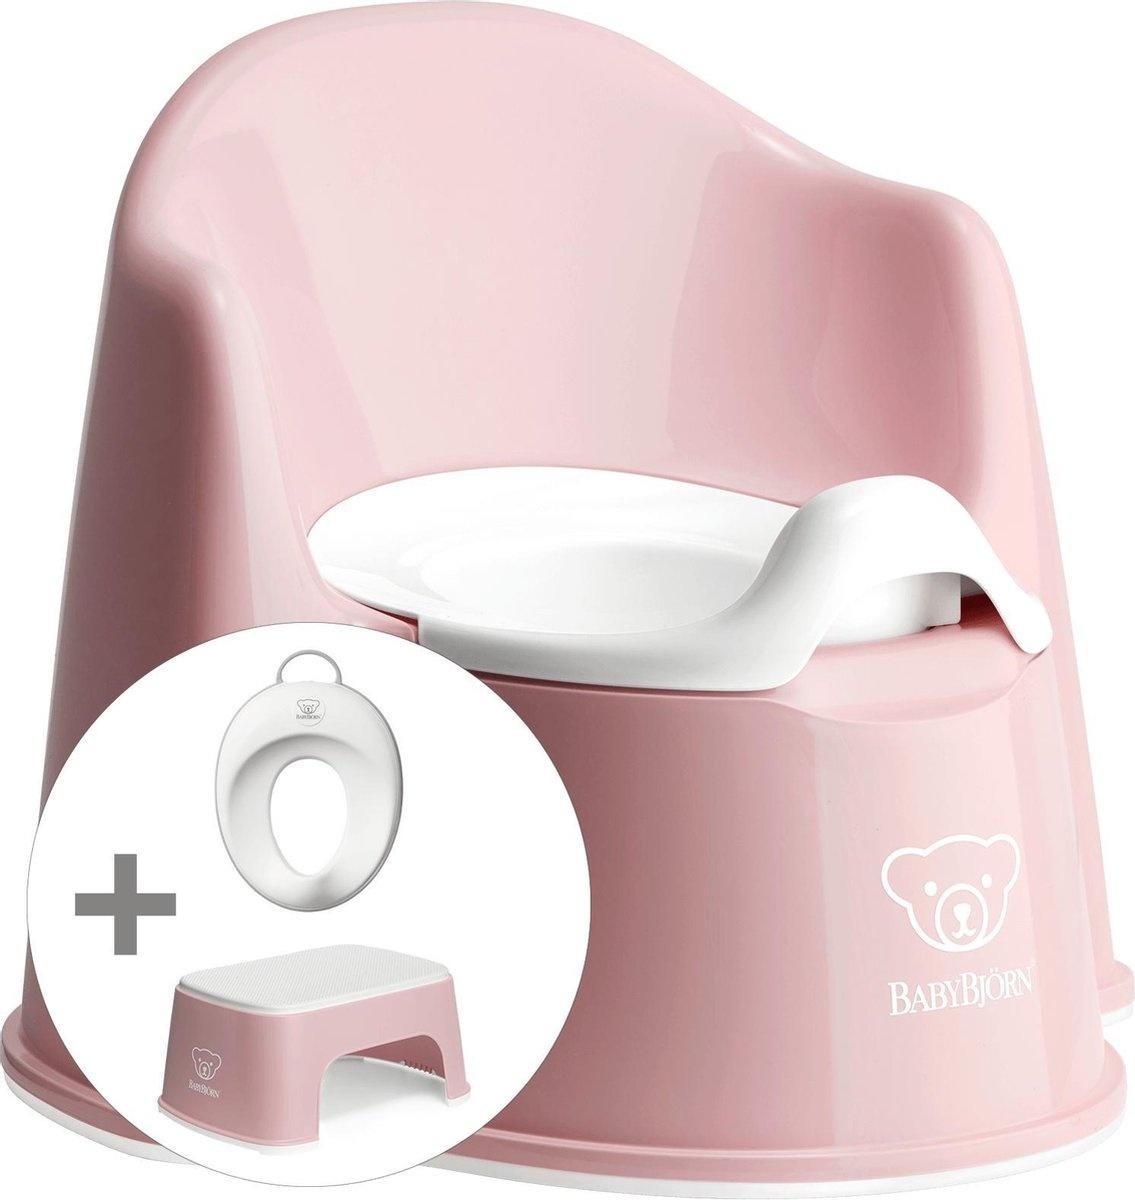 BABYBJÖRN Babybjörn startpakket bestaande uit Plaspotje Zetel, Opstapkrukje en Toilettrainer - Pastelroze wit